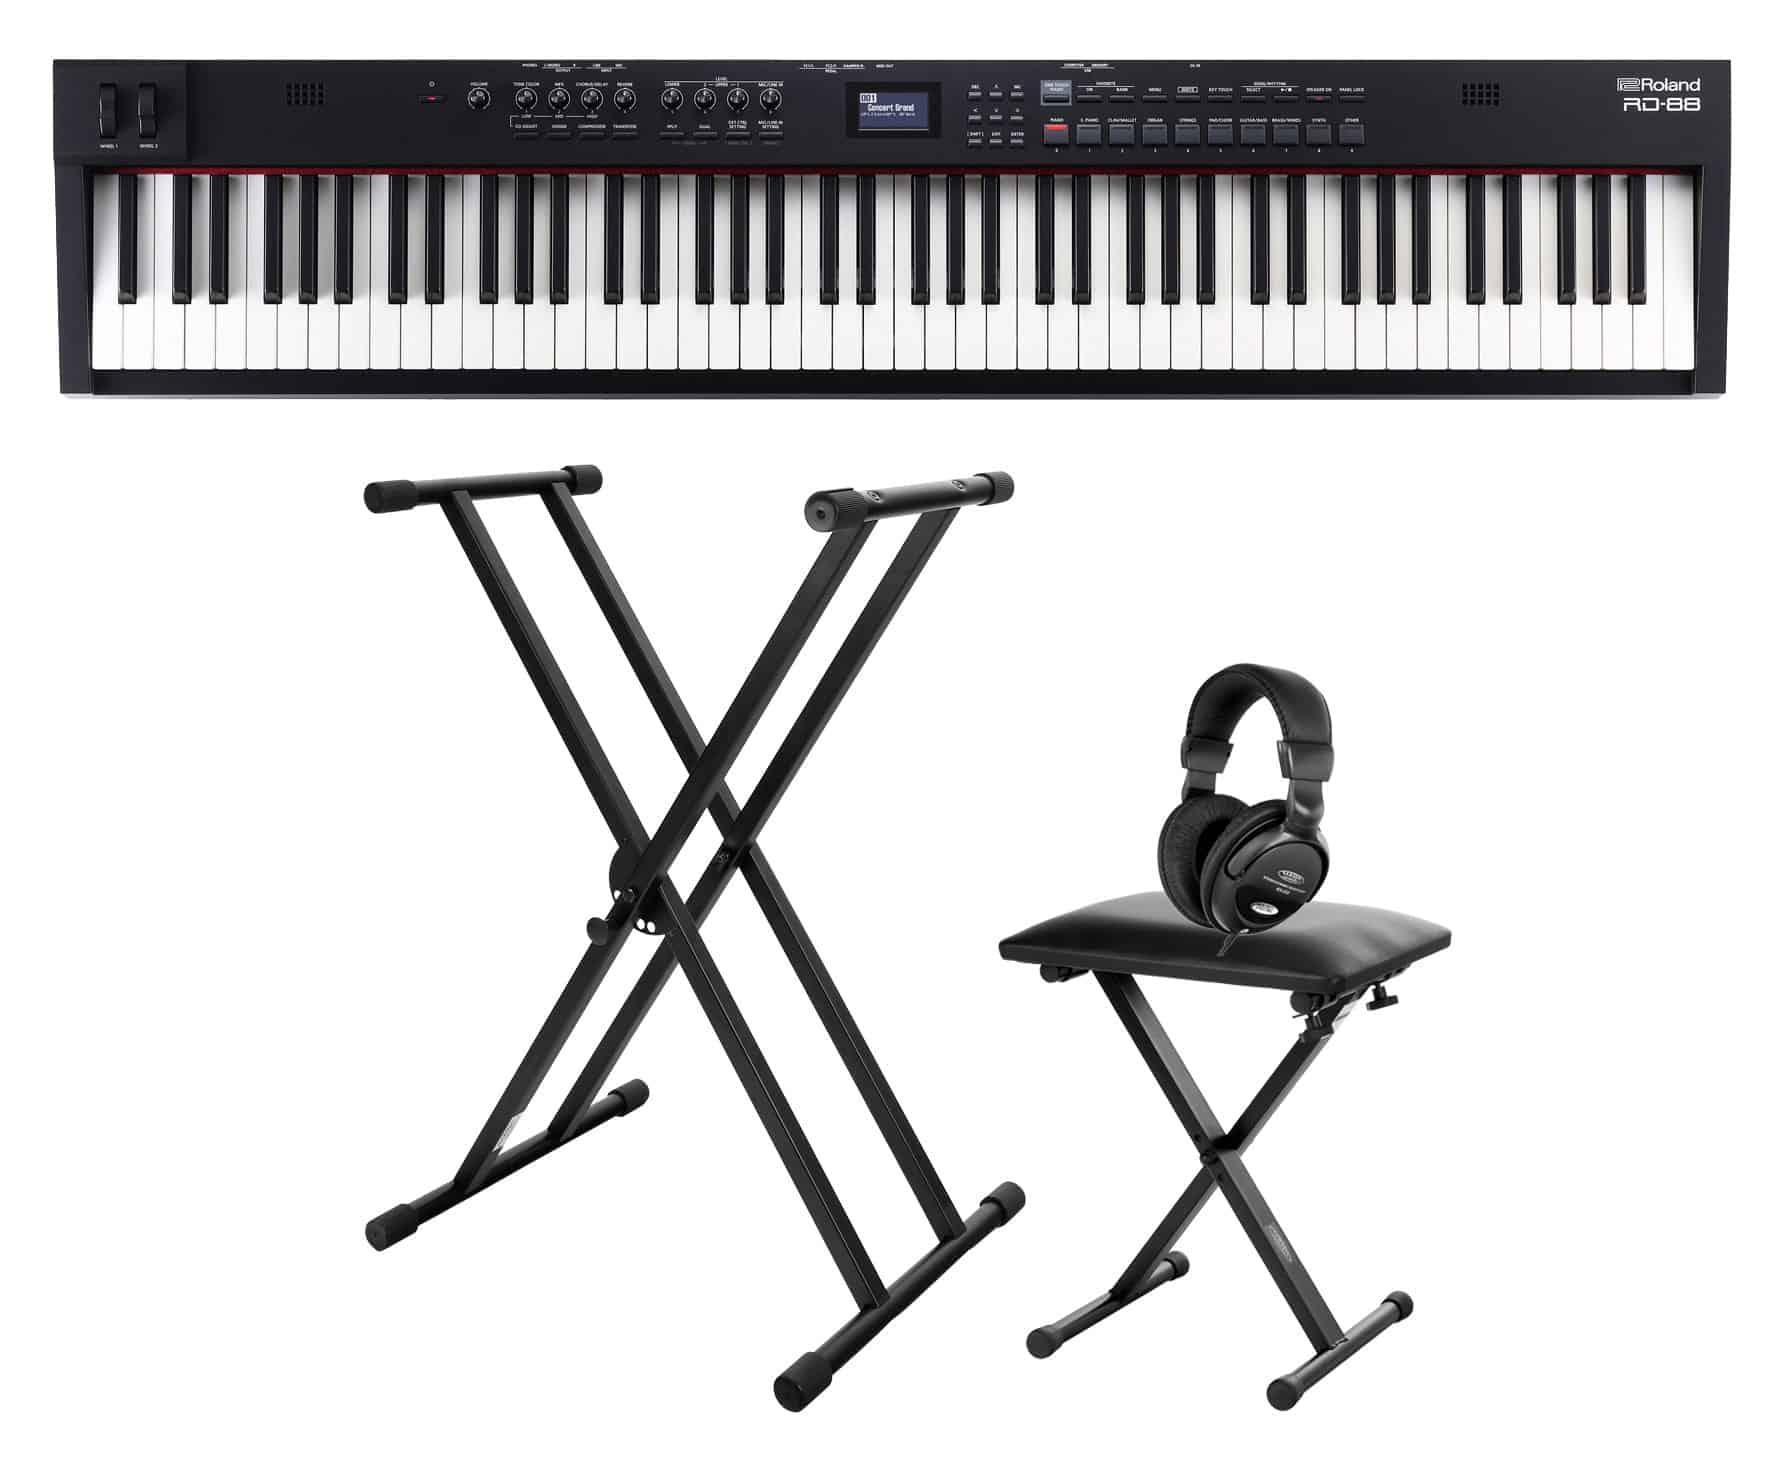 Stagepianos - Roland RD 88 Stagepiano Set - Onlineshop Musikhaus Kirstein